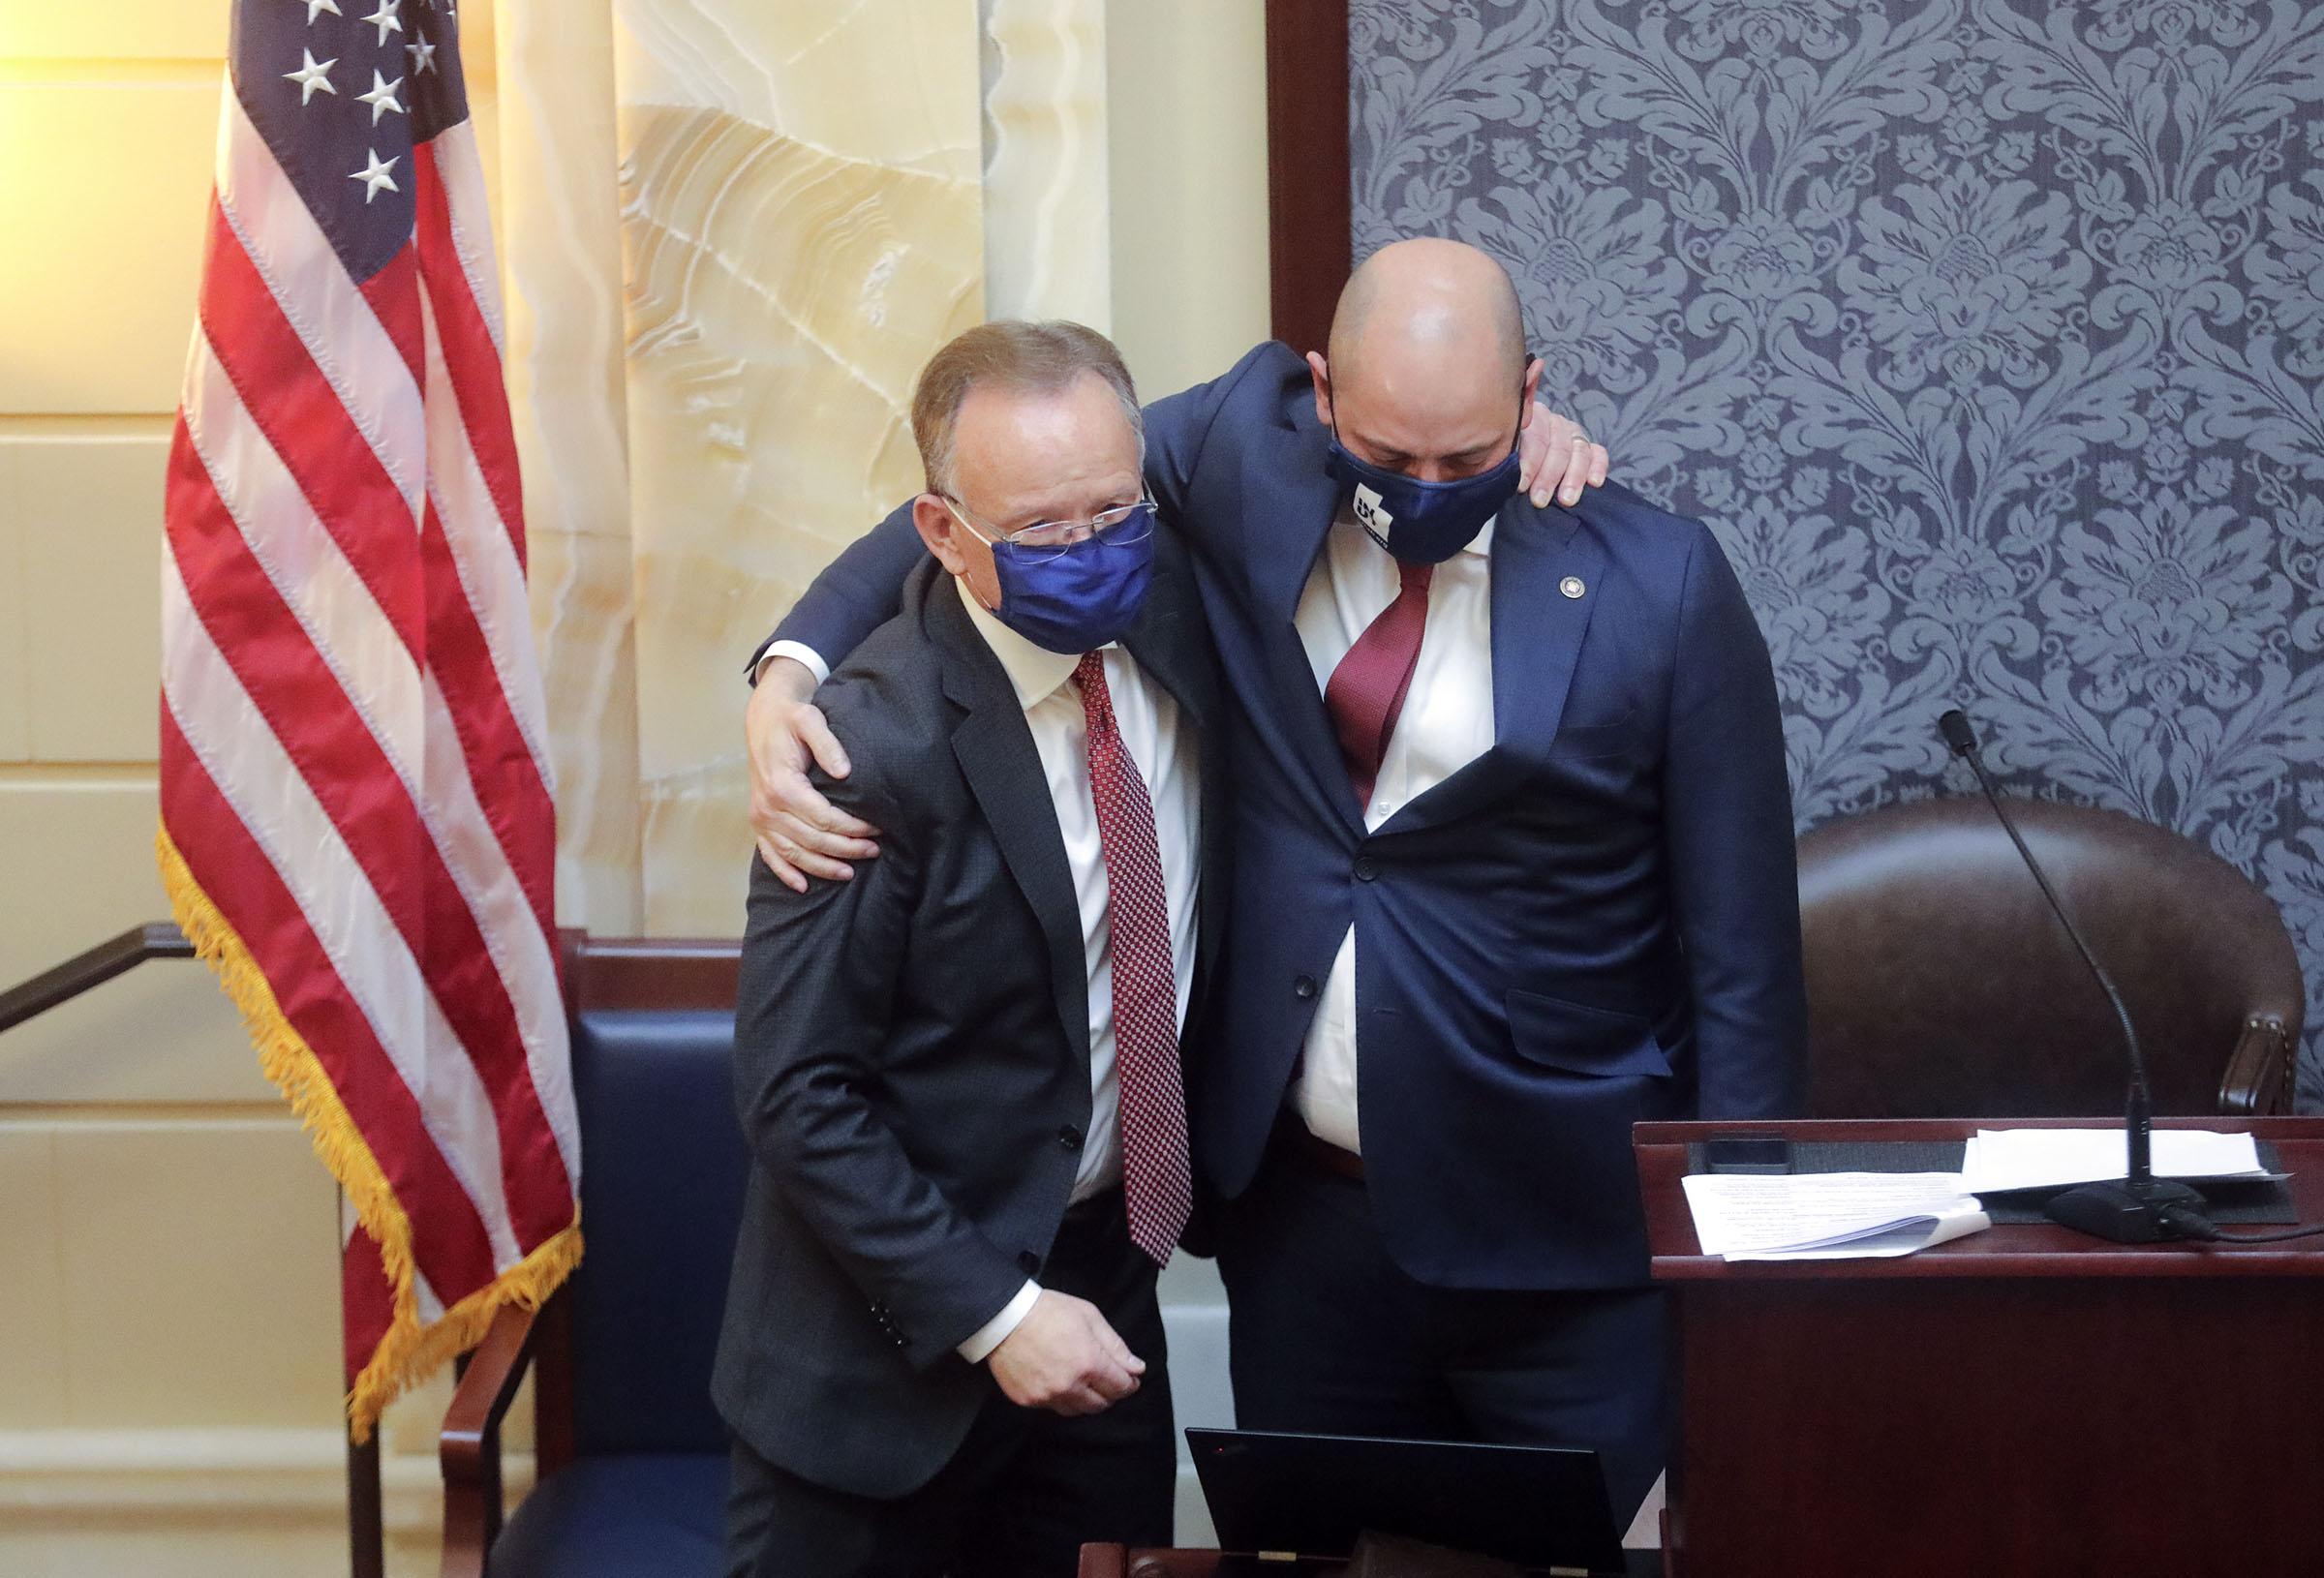 Utah Senate President Stuart Adams, R-Layton, left, hugs Dan Hemmert, director of the Governor's Office of Economic Development.